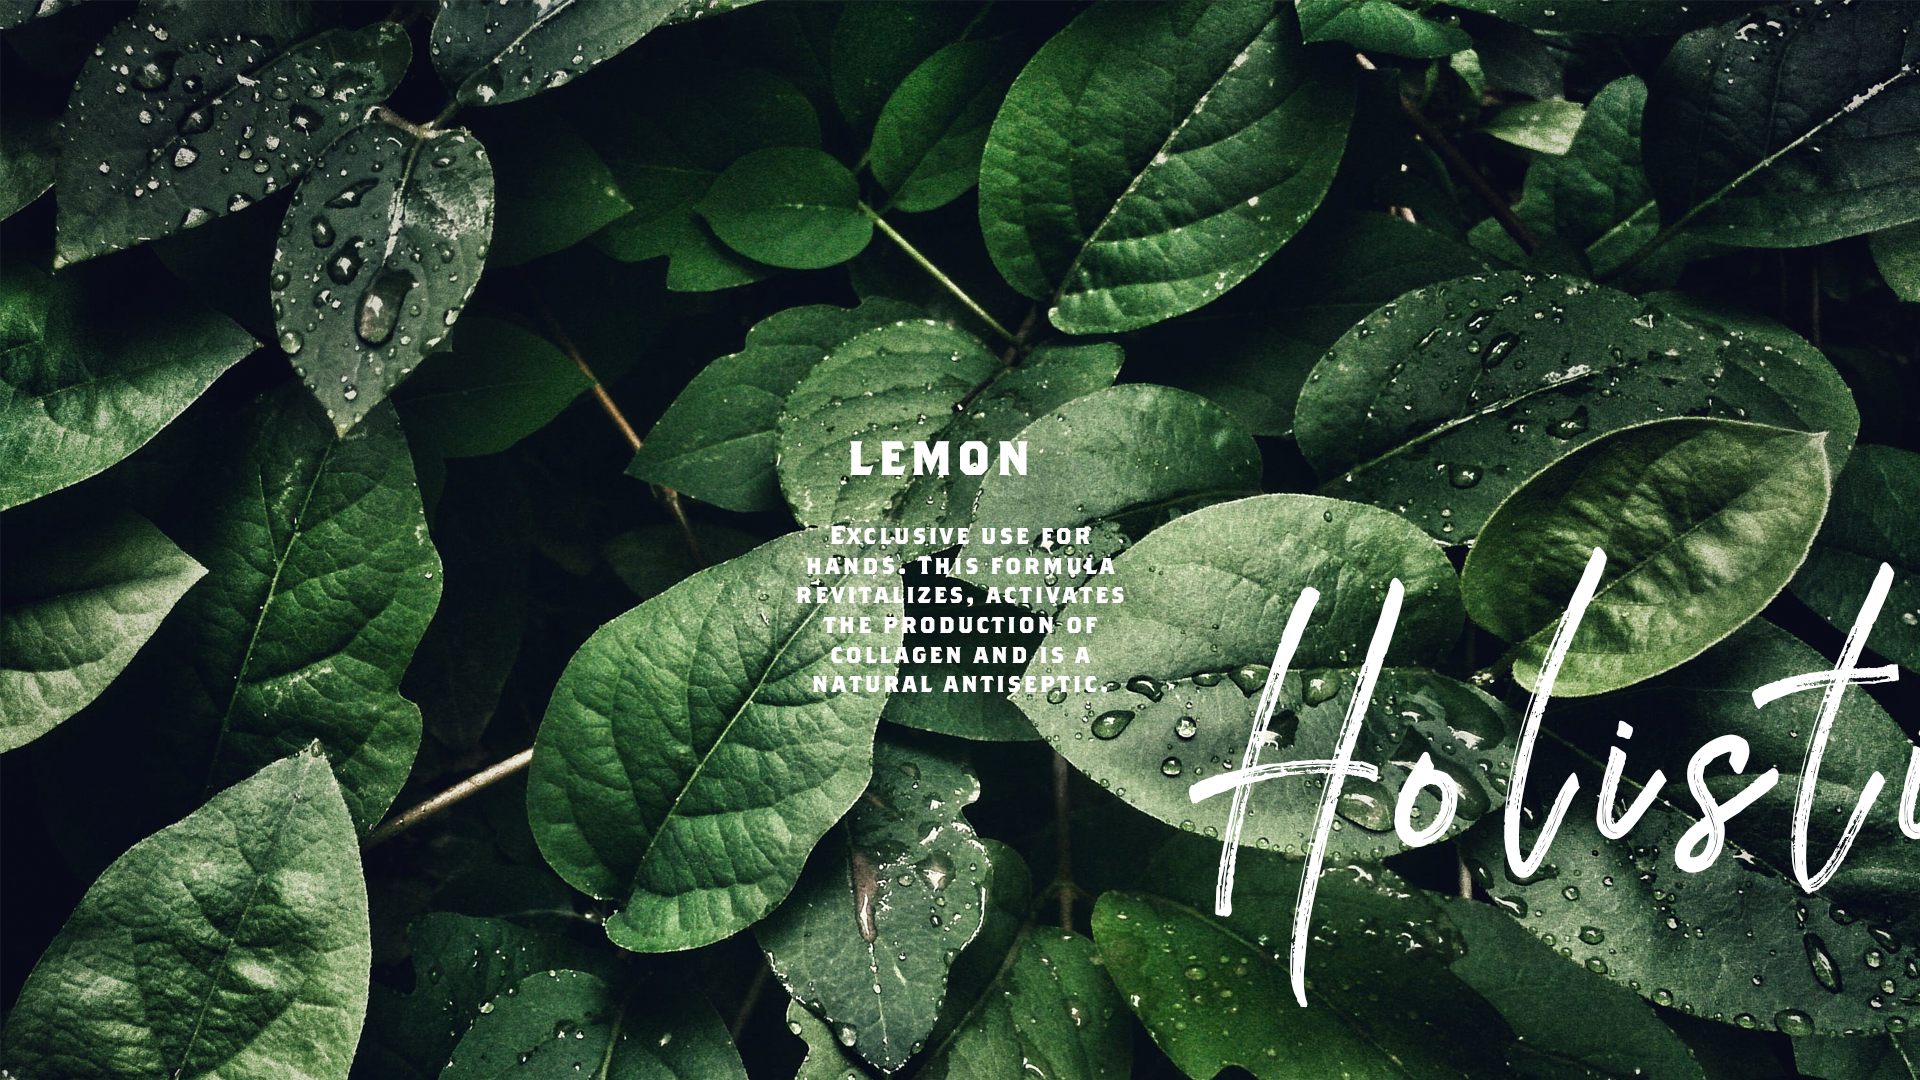 lemon-leaves-spa-packaging-yoenpaperland